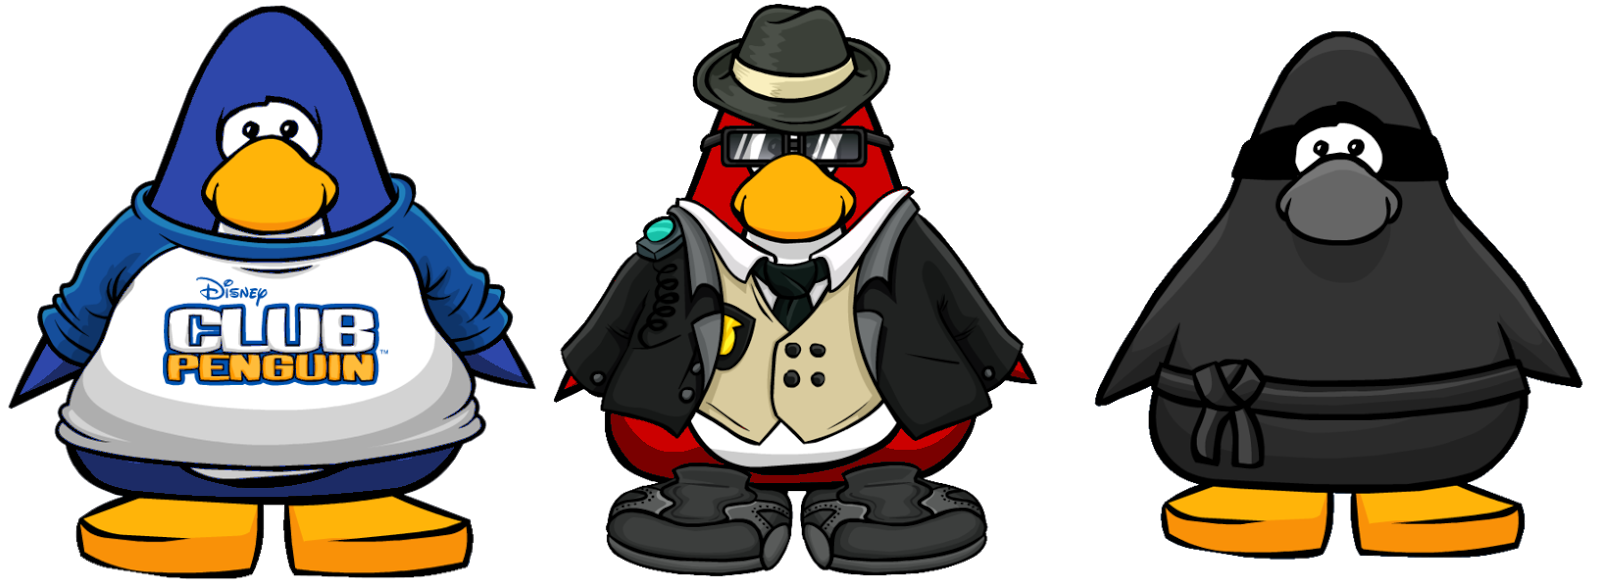 Chill S Club Penguin Opinions Infinite Fun